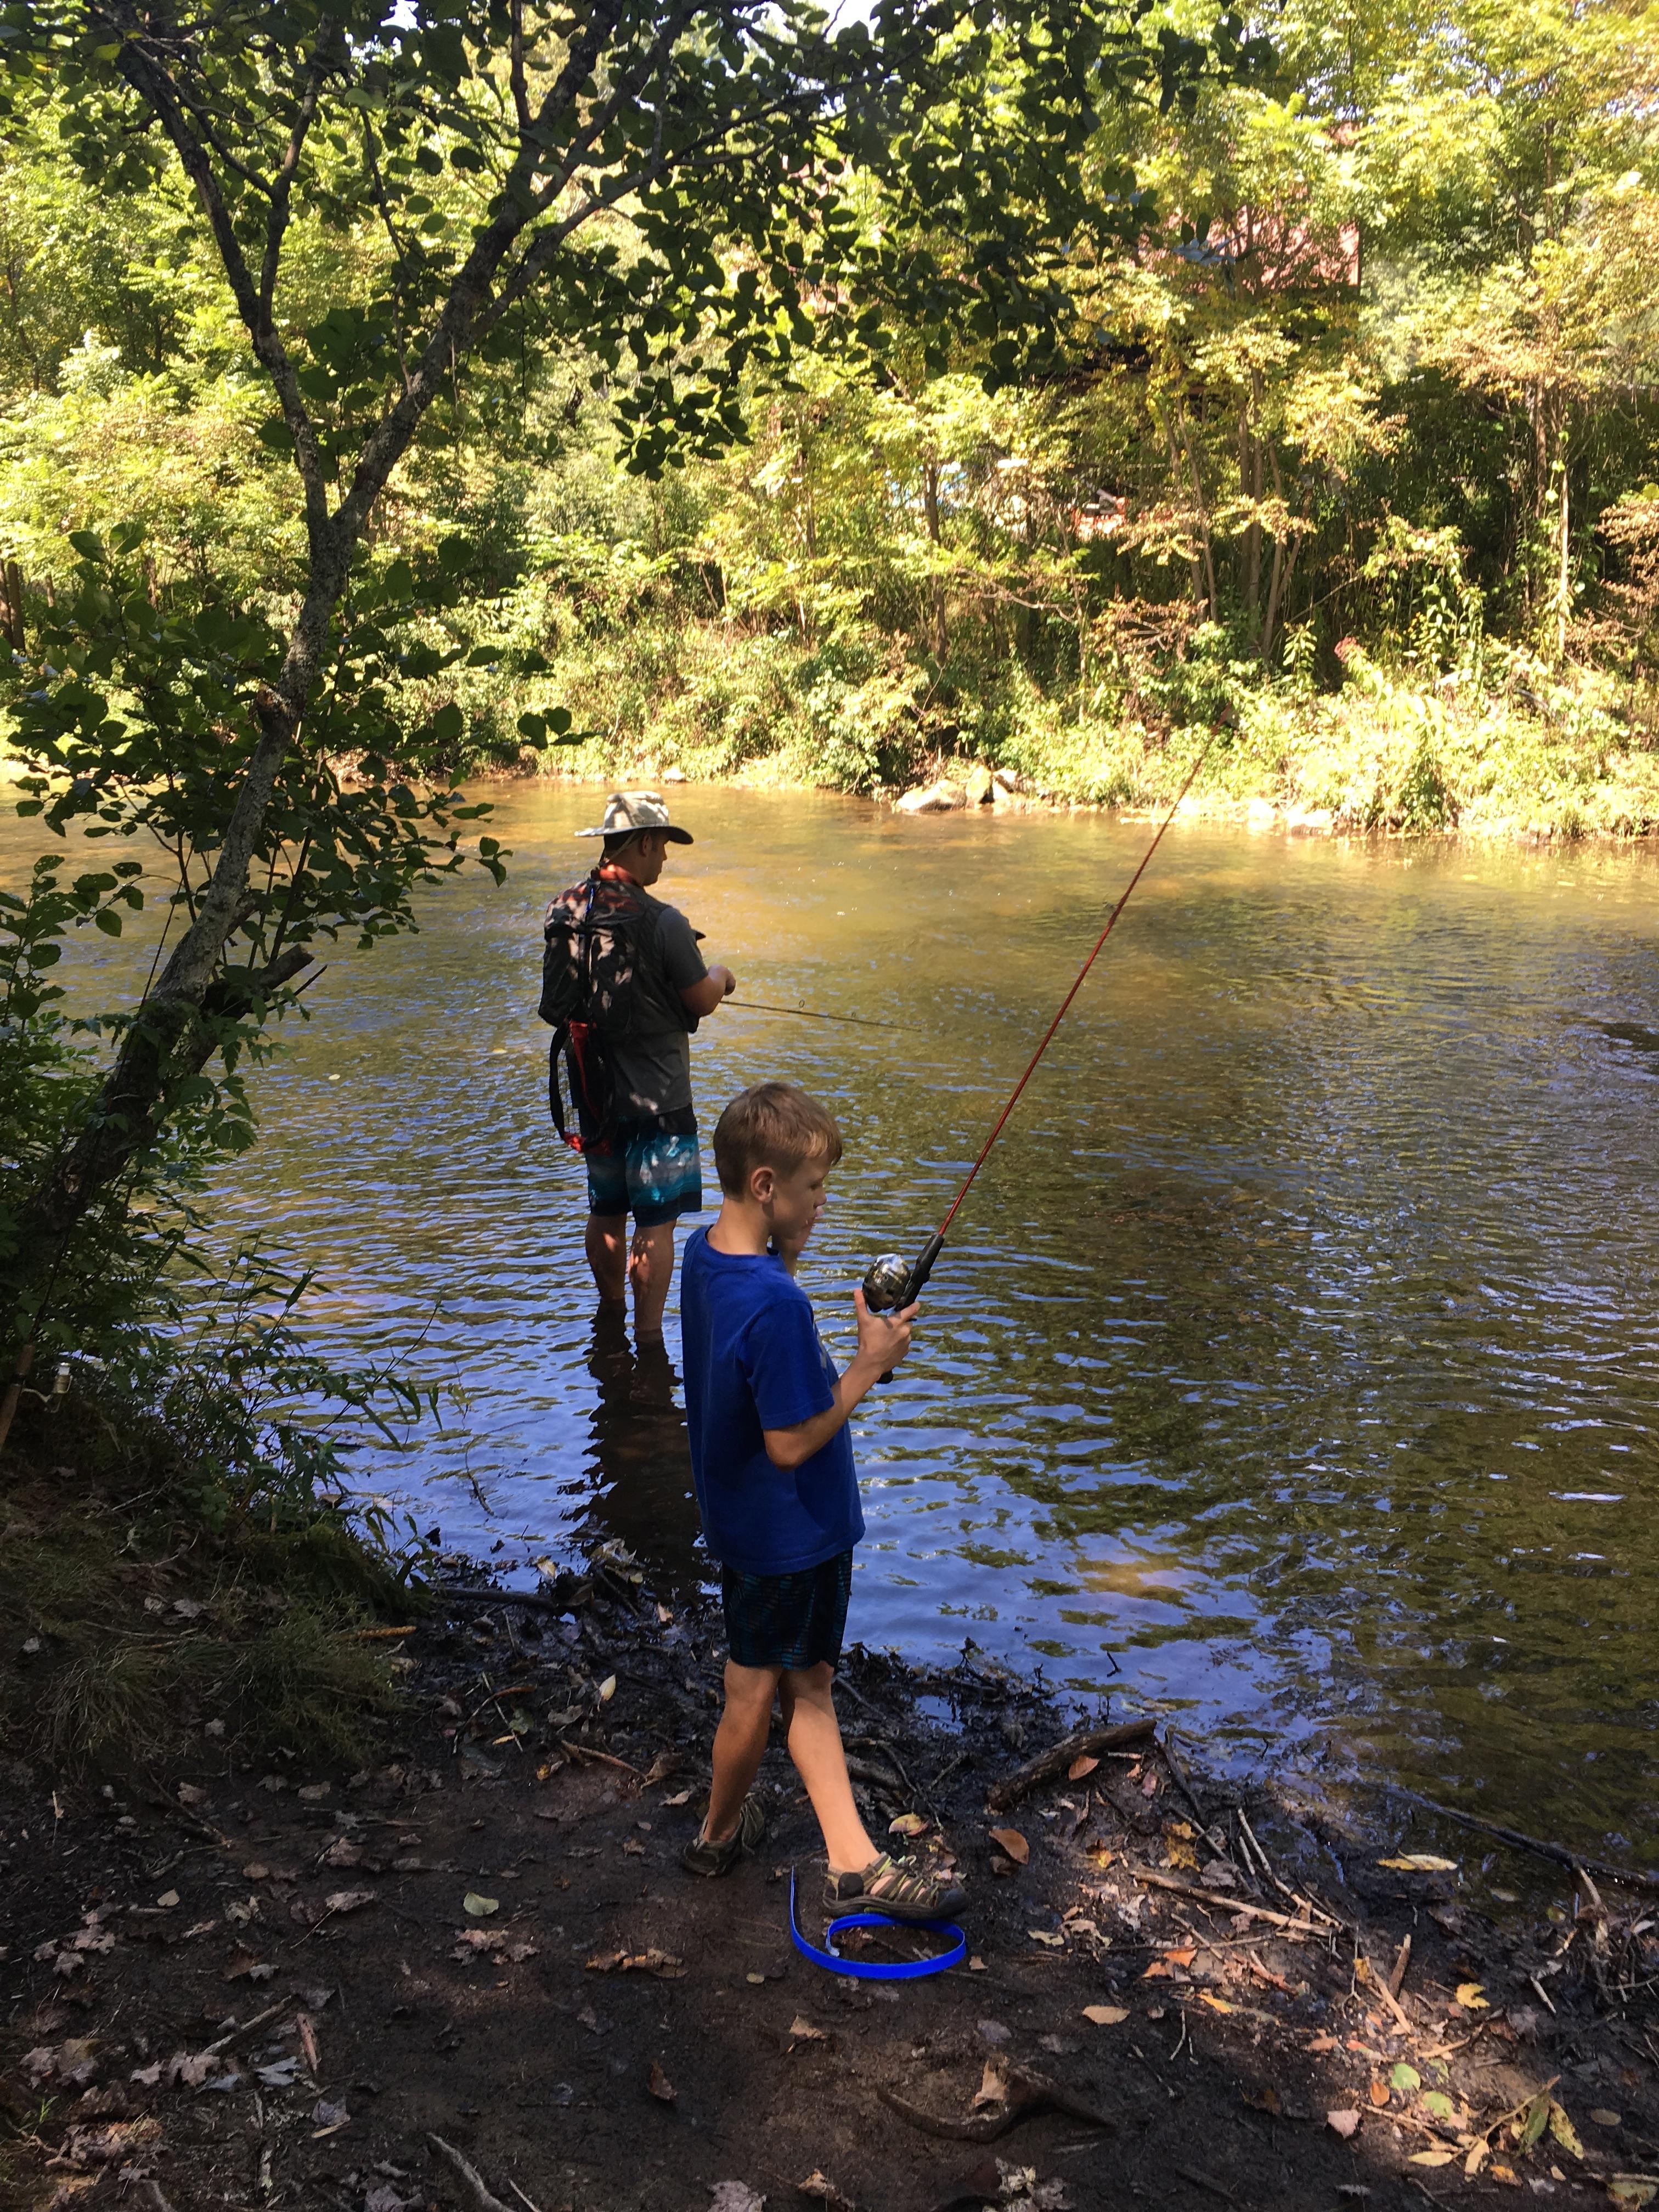 Fishing Hole near Cabin